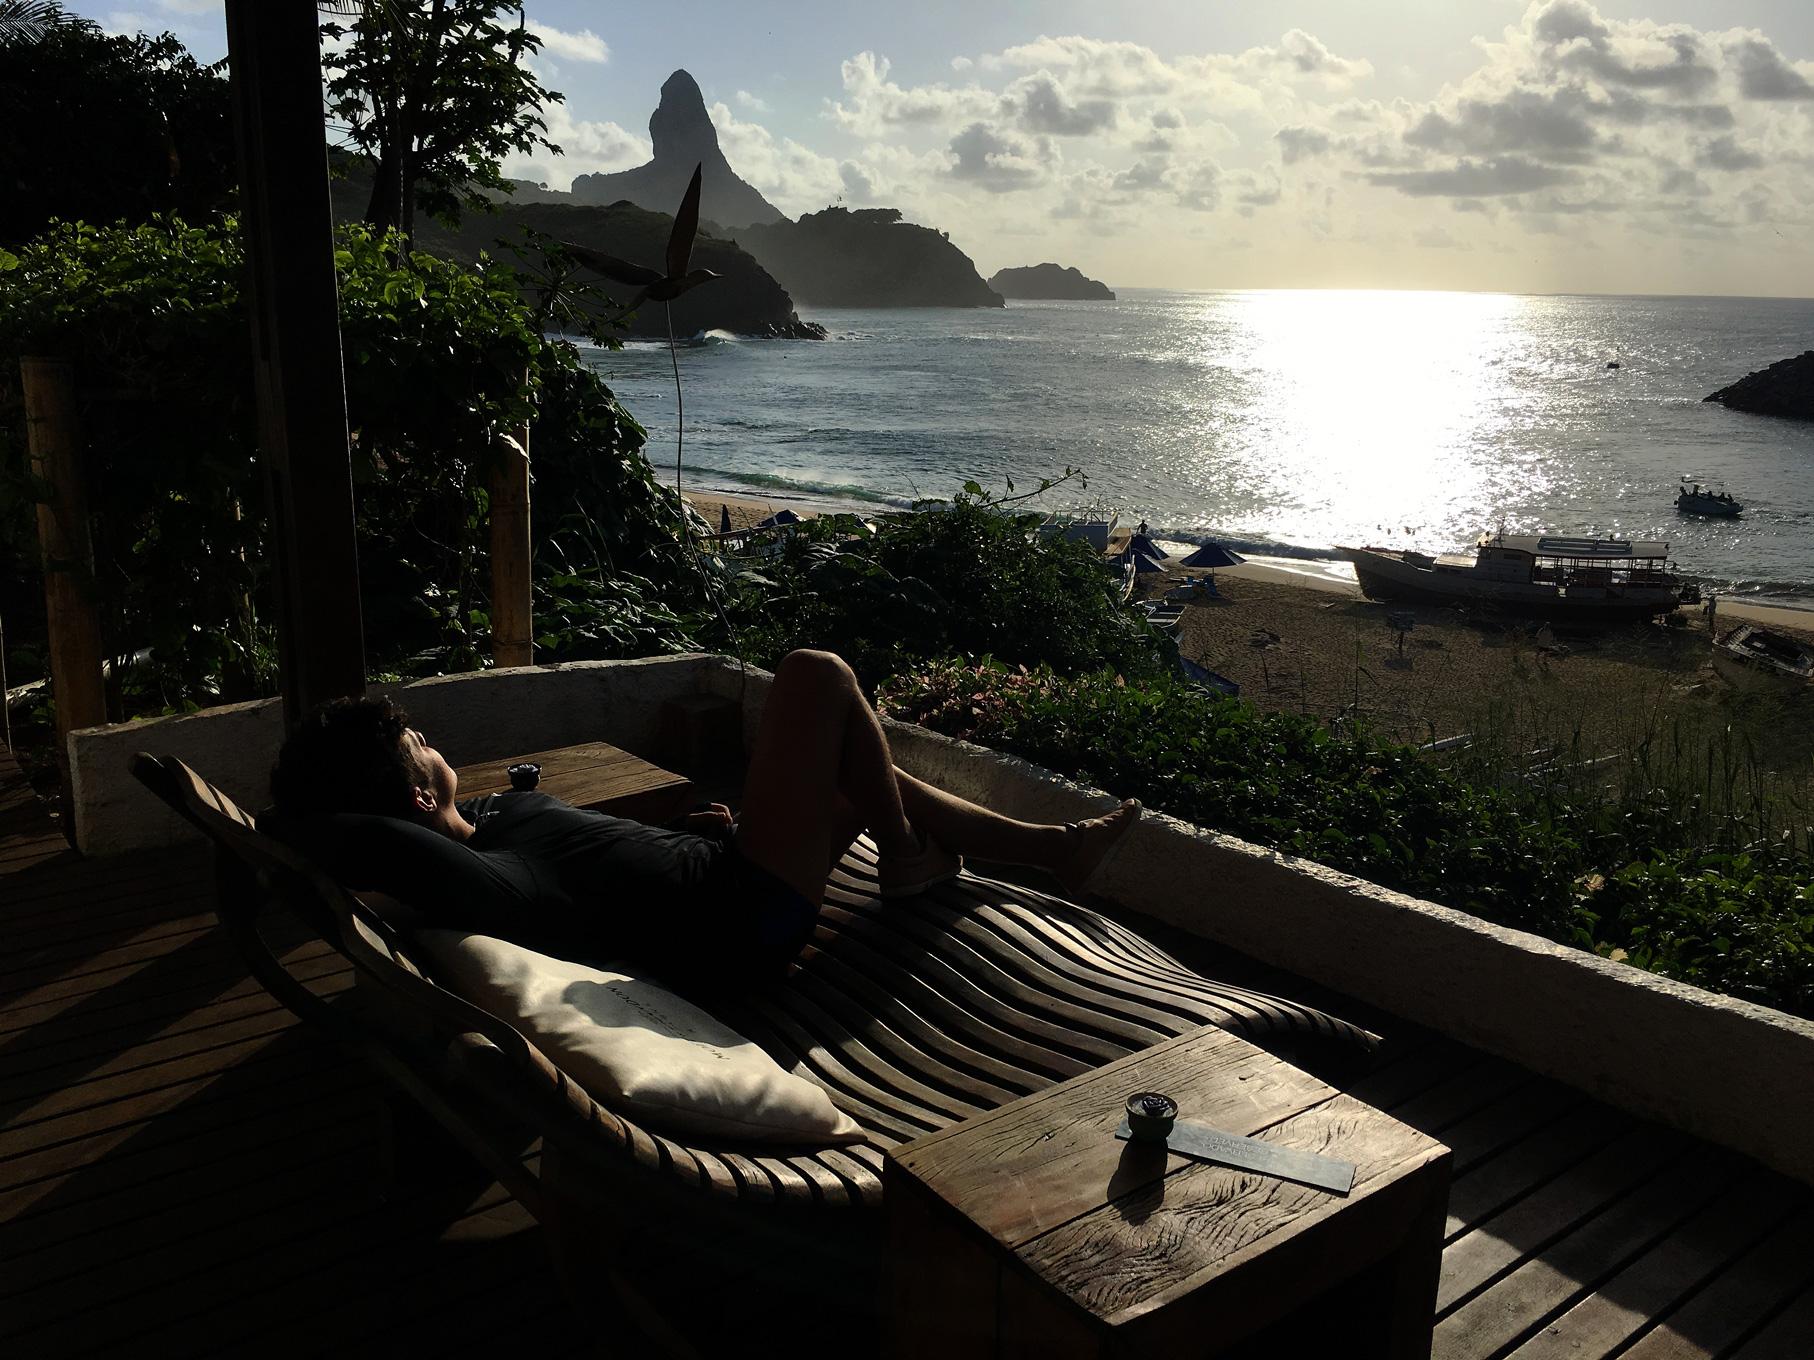 Rodrigo sentado em uma espreguiçadeira de frente para o mar no Bar mergulhão em Ferndando de Noronha.